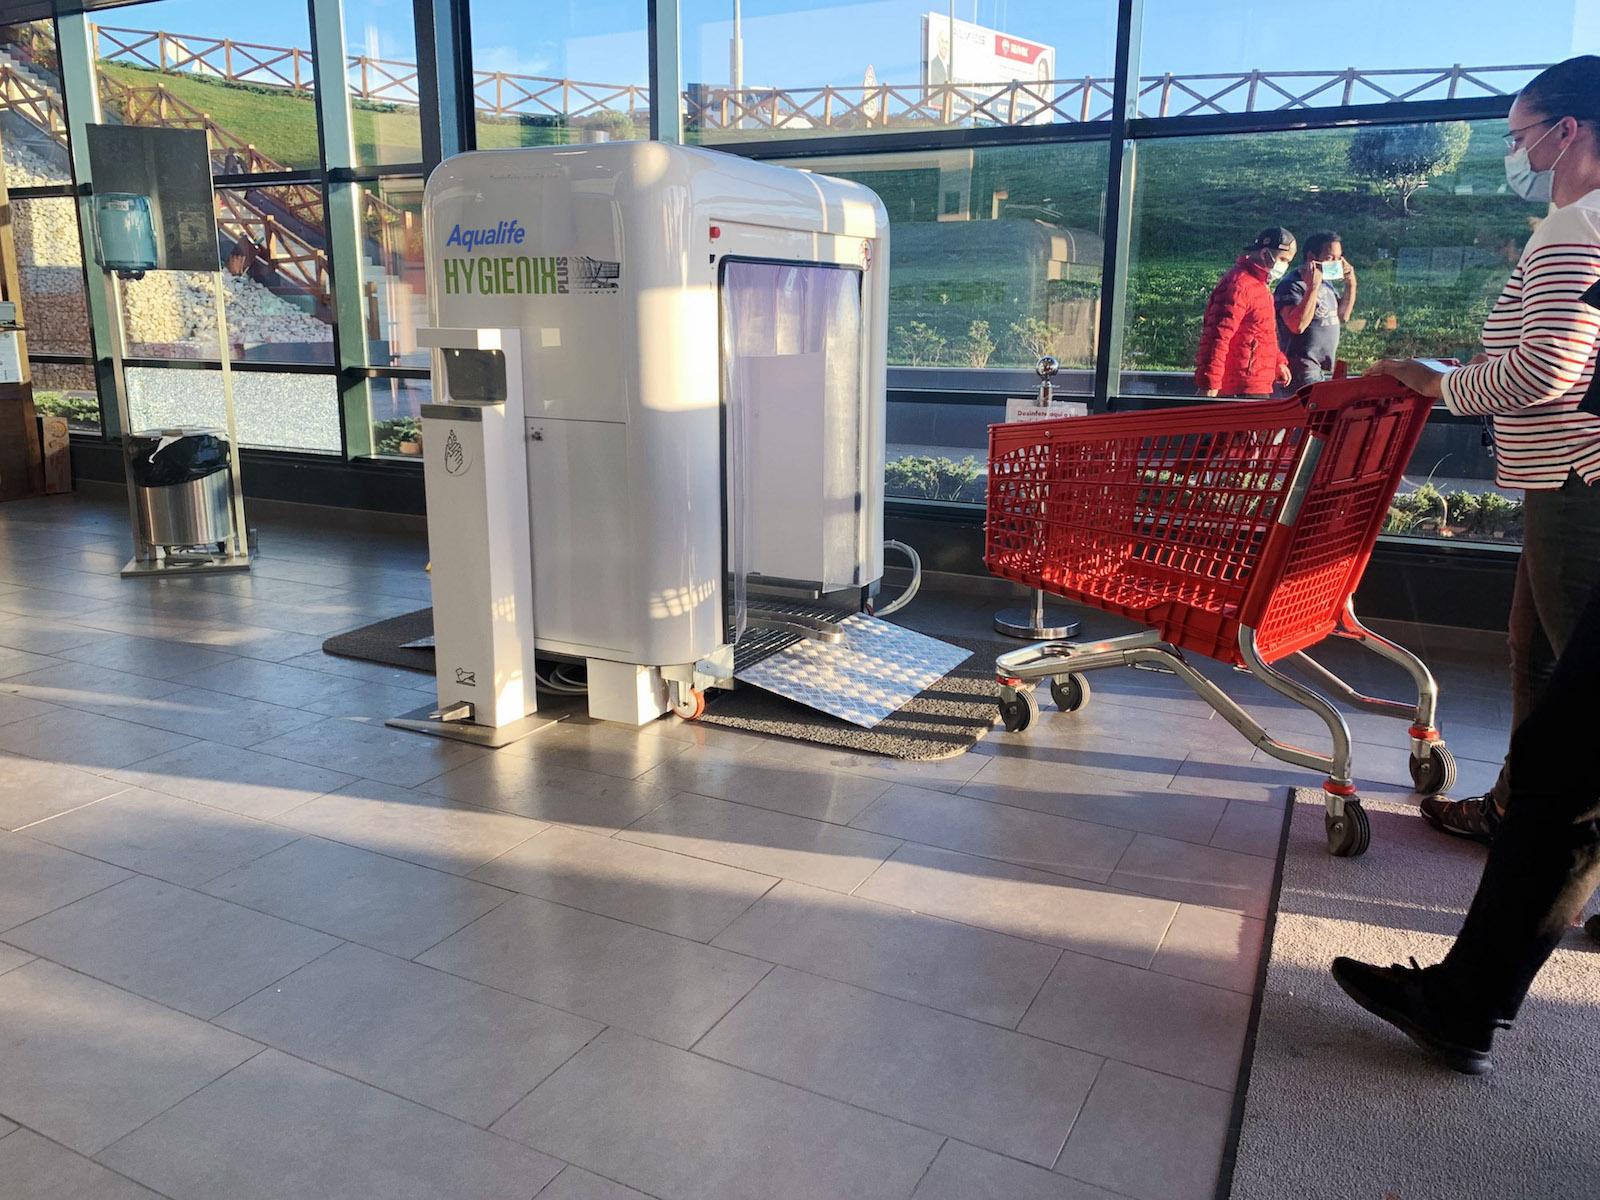 Hygienics-Plus desinfección carros supermercado. Compras seguras